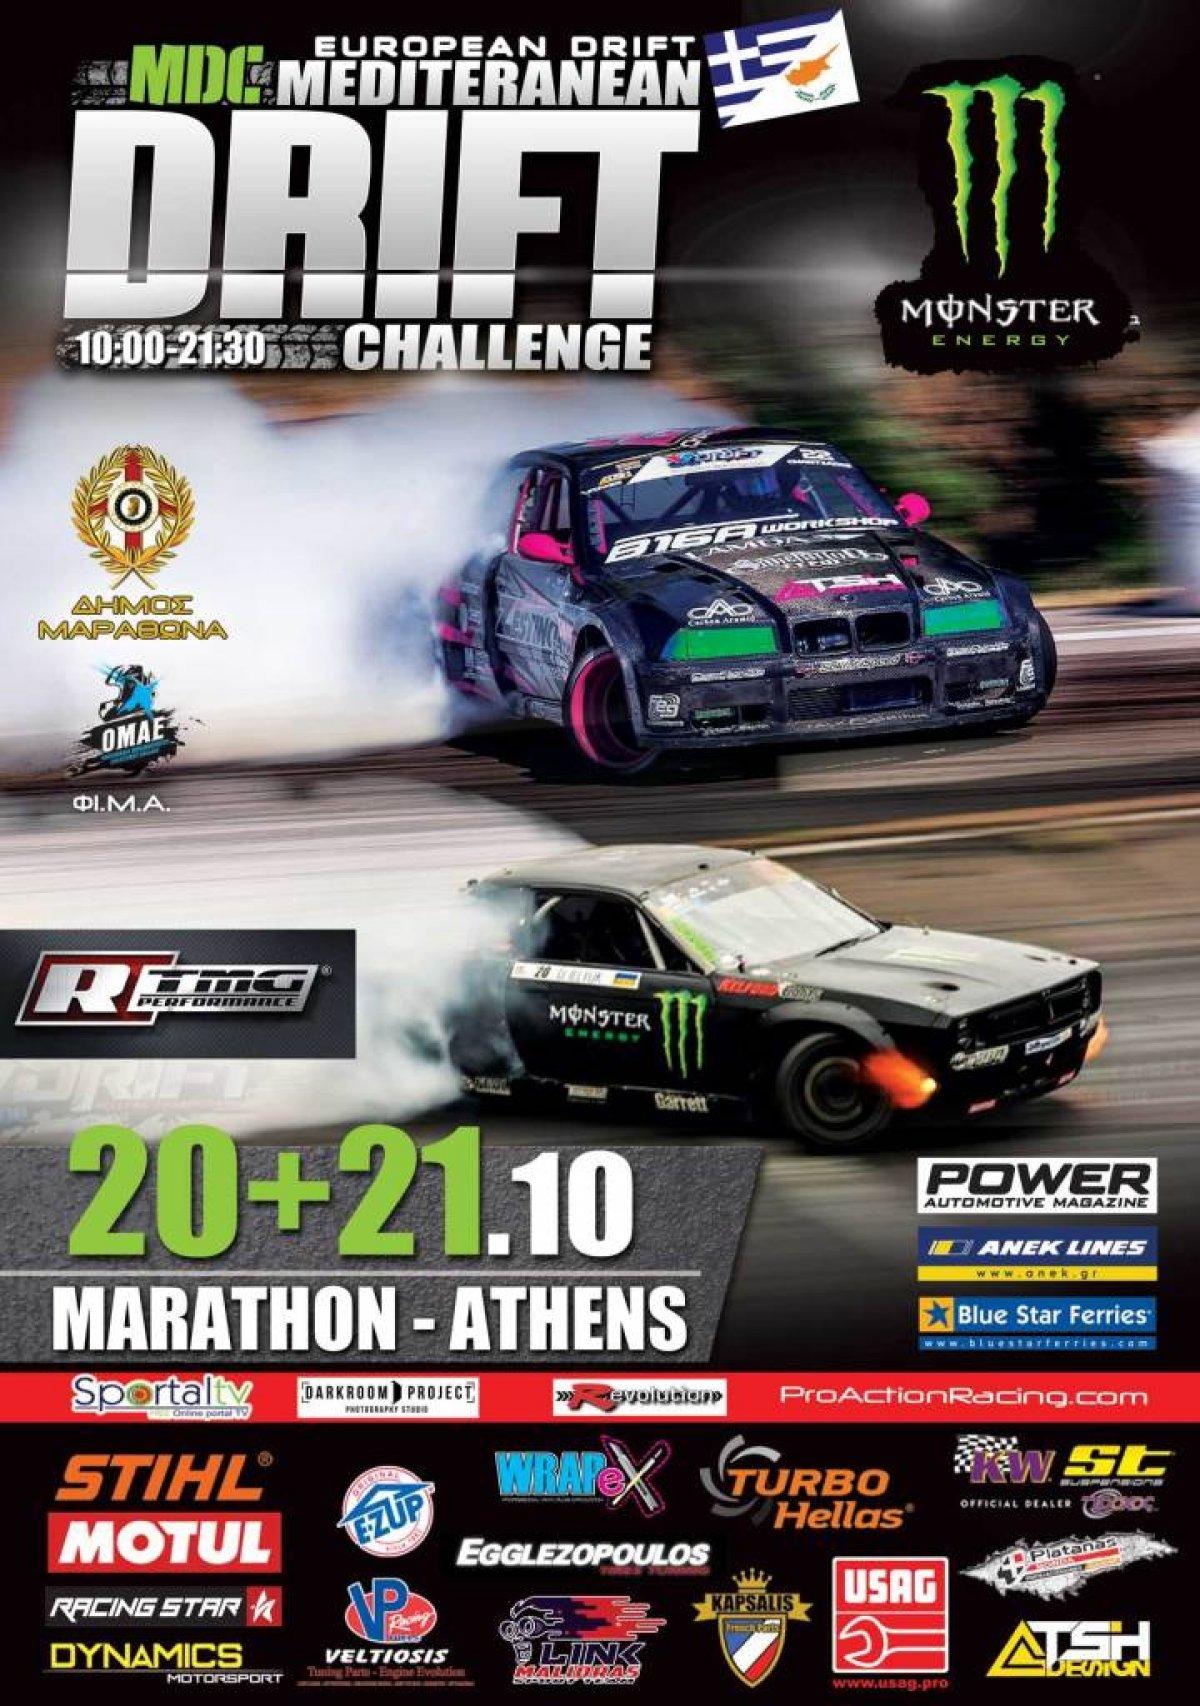 Mediteranean Drift Challenge – Μαραθώνας 20-21 Οκτωβρίου